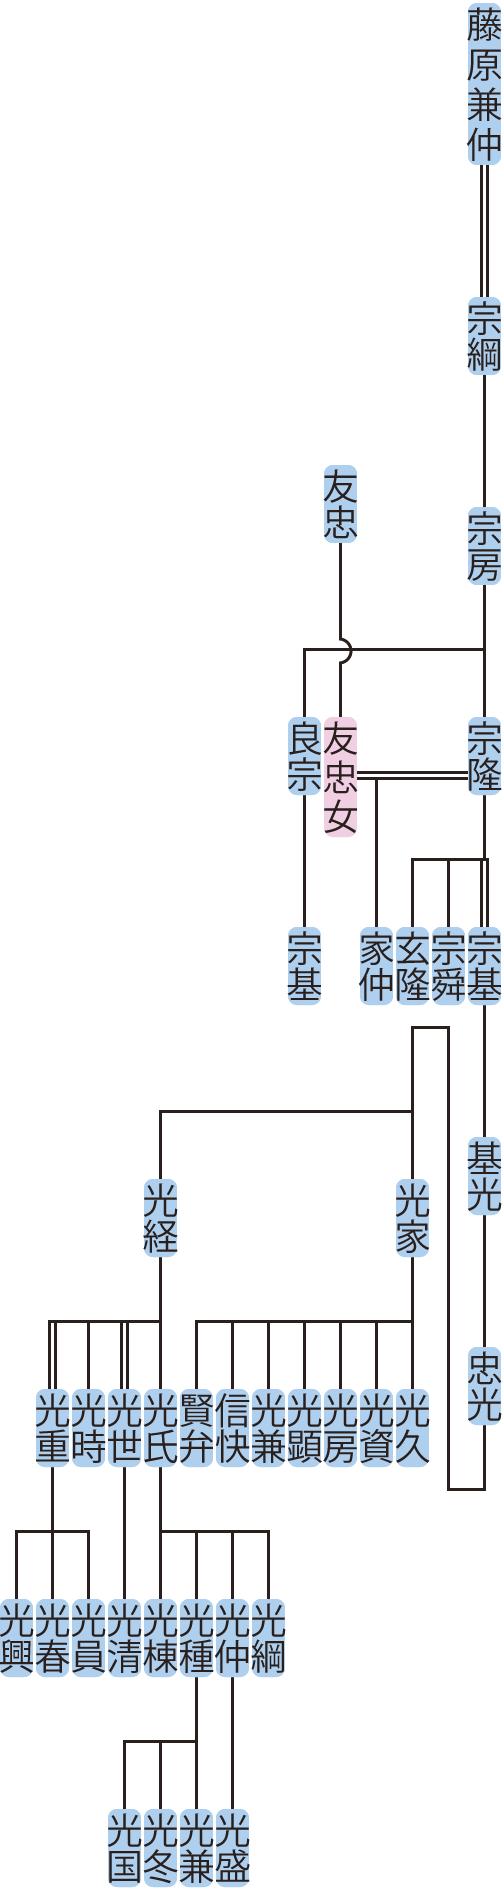 藤原宗房~忠光の系図